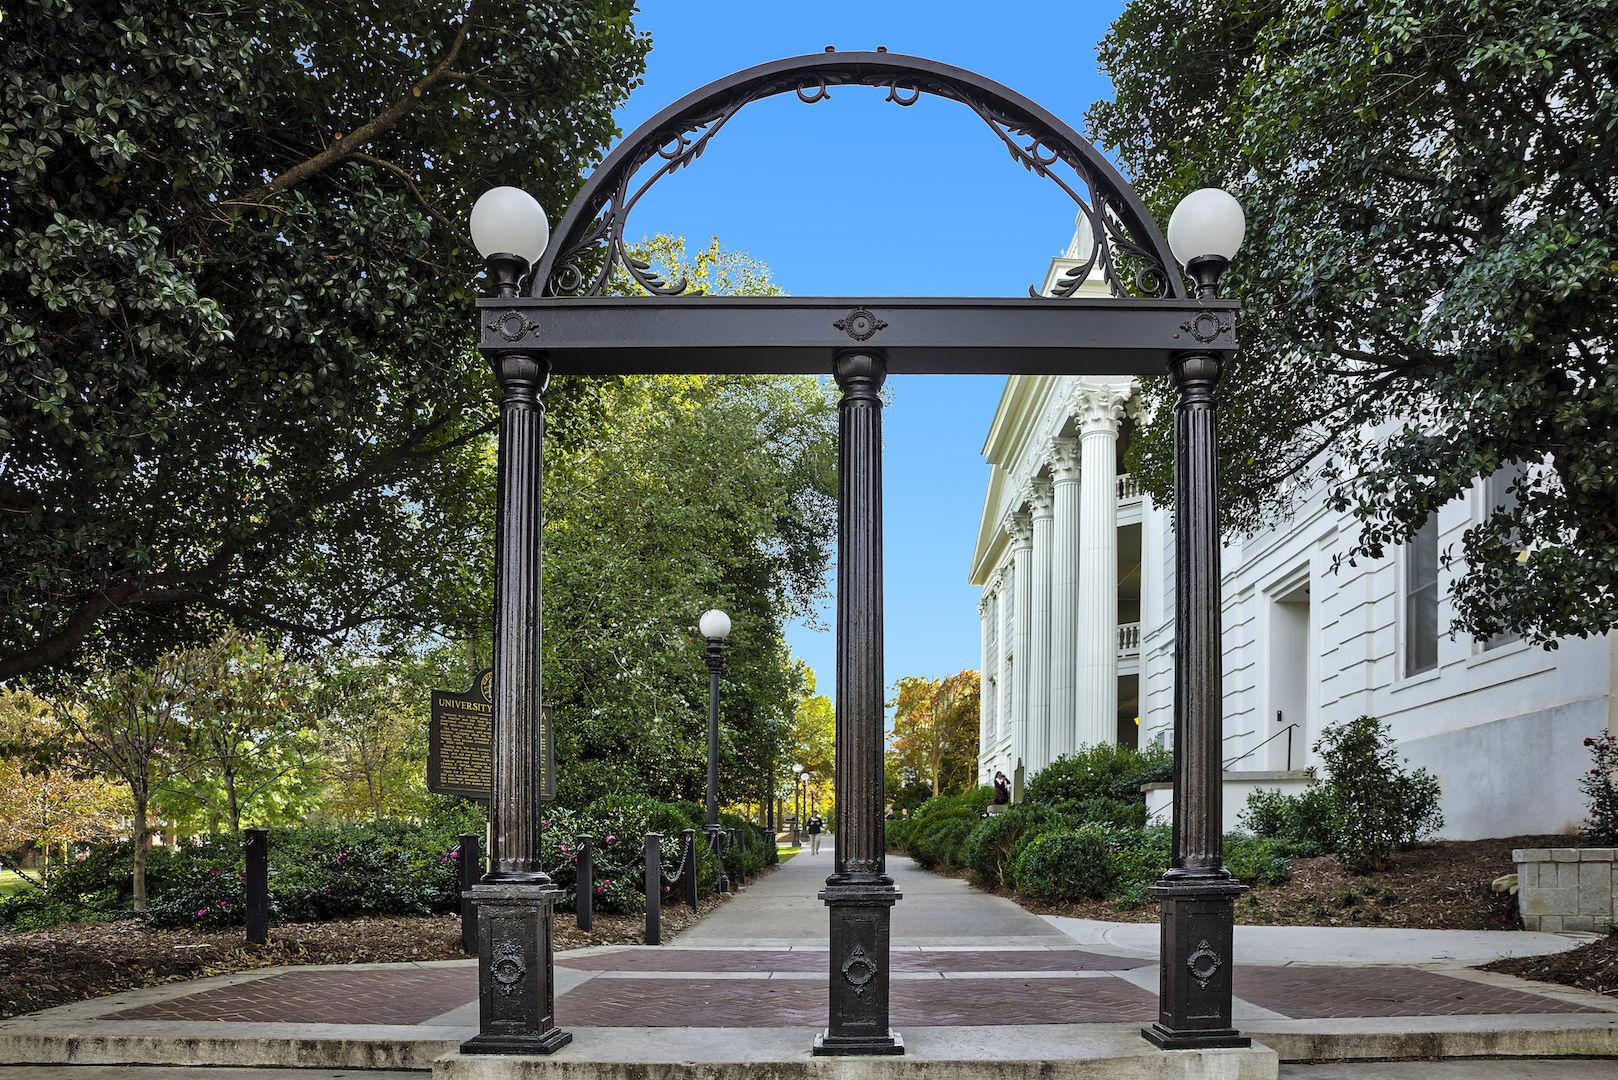 UGA 喬治亞大學 - 歷史悠久且規模龐大的南方名校